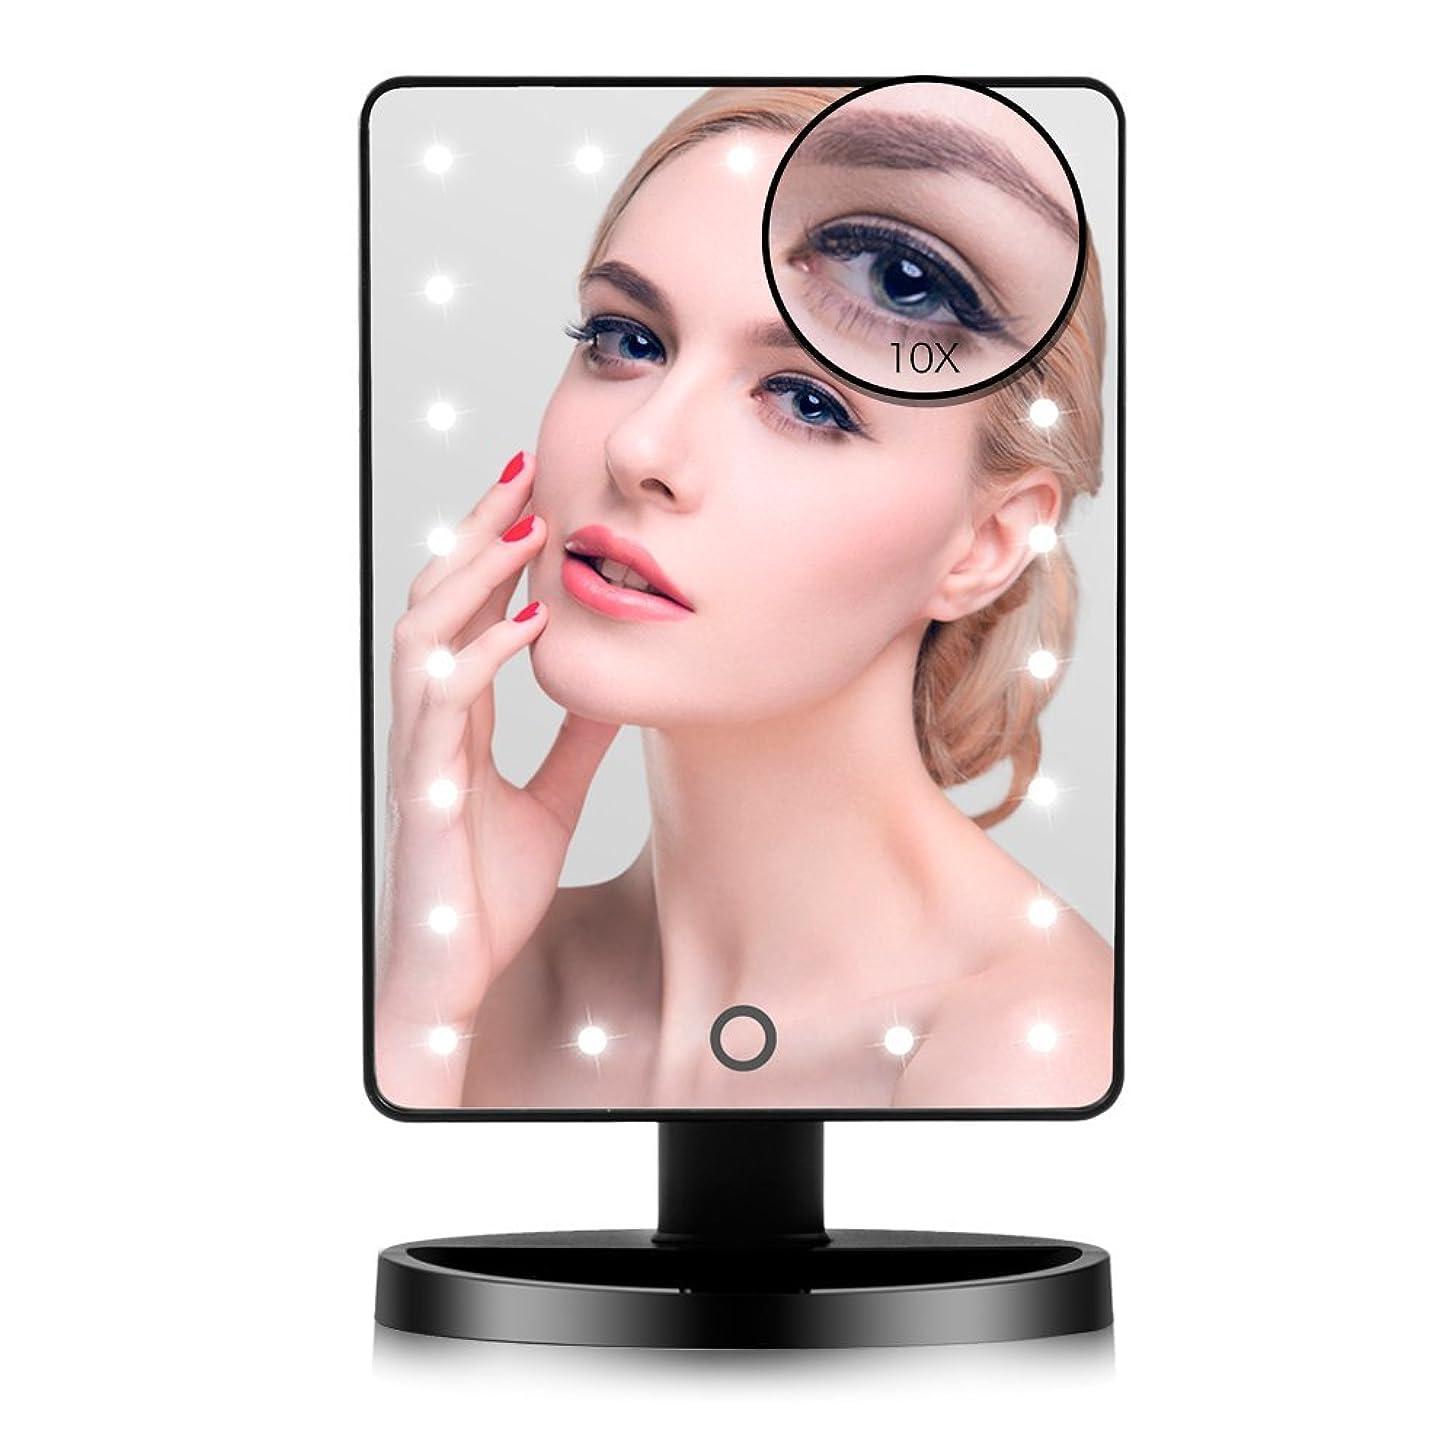 ほめるベルベットからかう化粧鏡 卓上鏡 化粧ミラー 鏡 女優ミラー 卓上 21 led 拡大鏡 10倍 明るさ調節可能 180°回転 電池給電(Black)